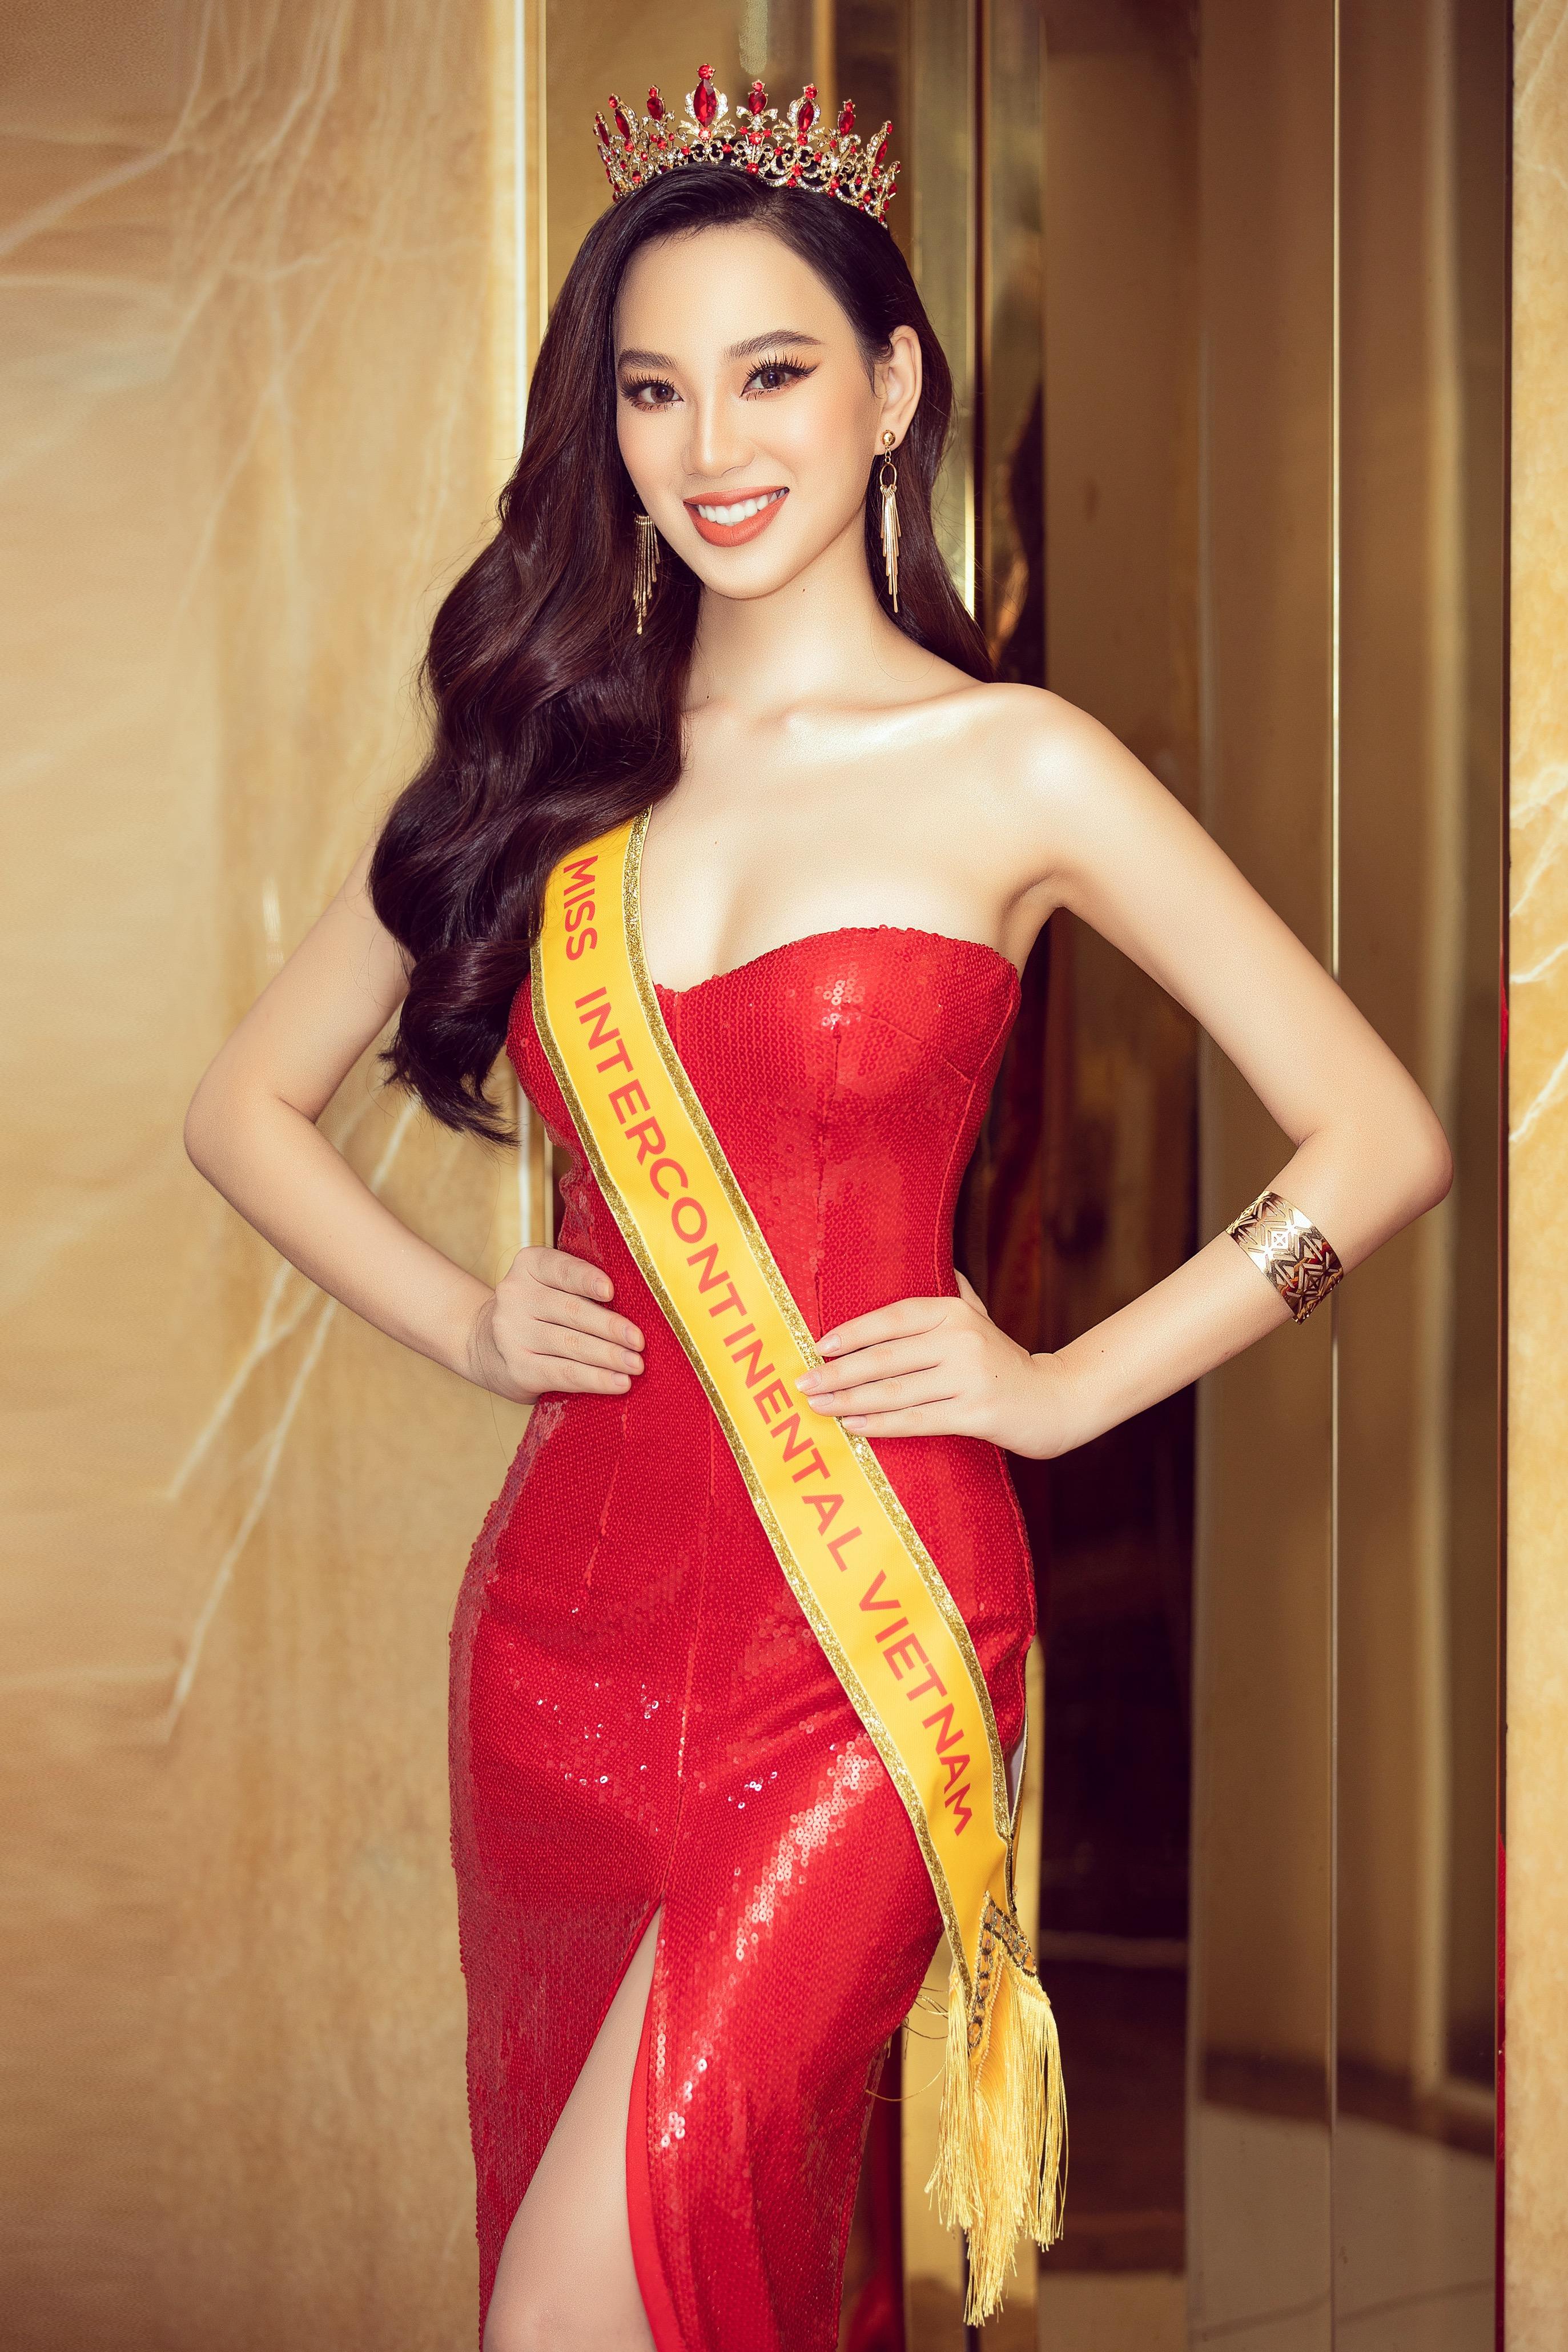 Trước đó, Ái Nhi từng lọt vào top 22 Hoa hậu Việt Nam 2020 và top 10 Miss World Vietnam 2019.